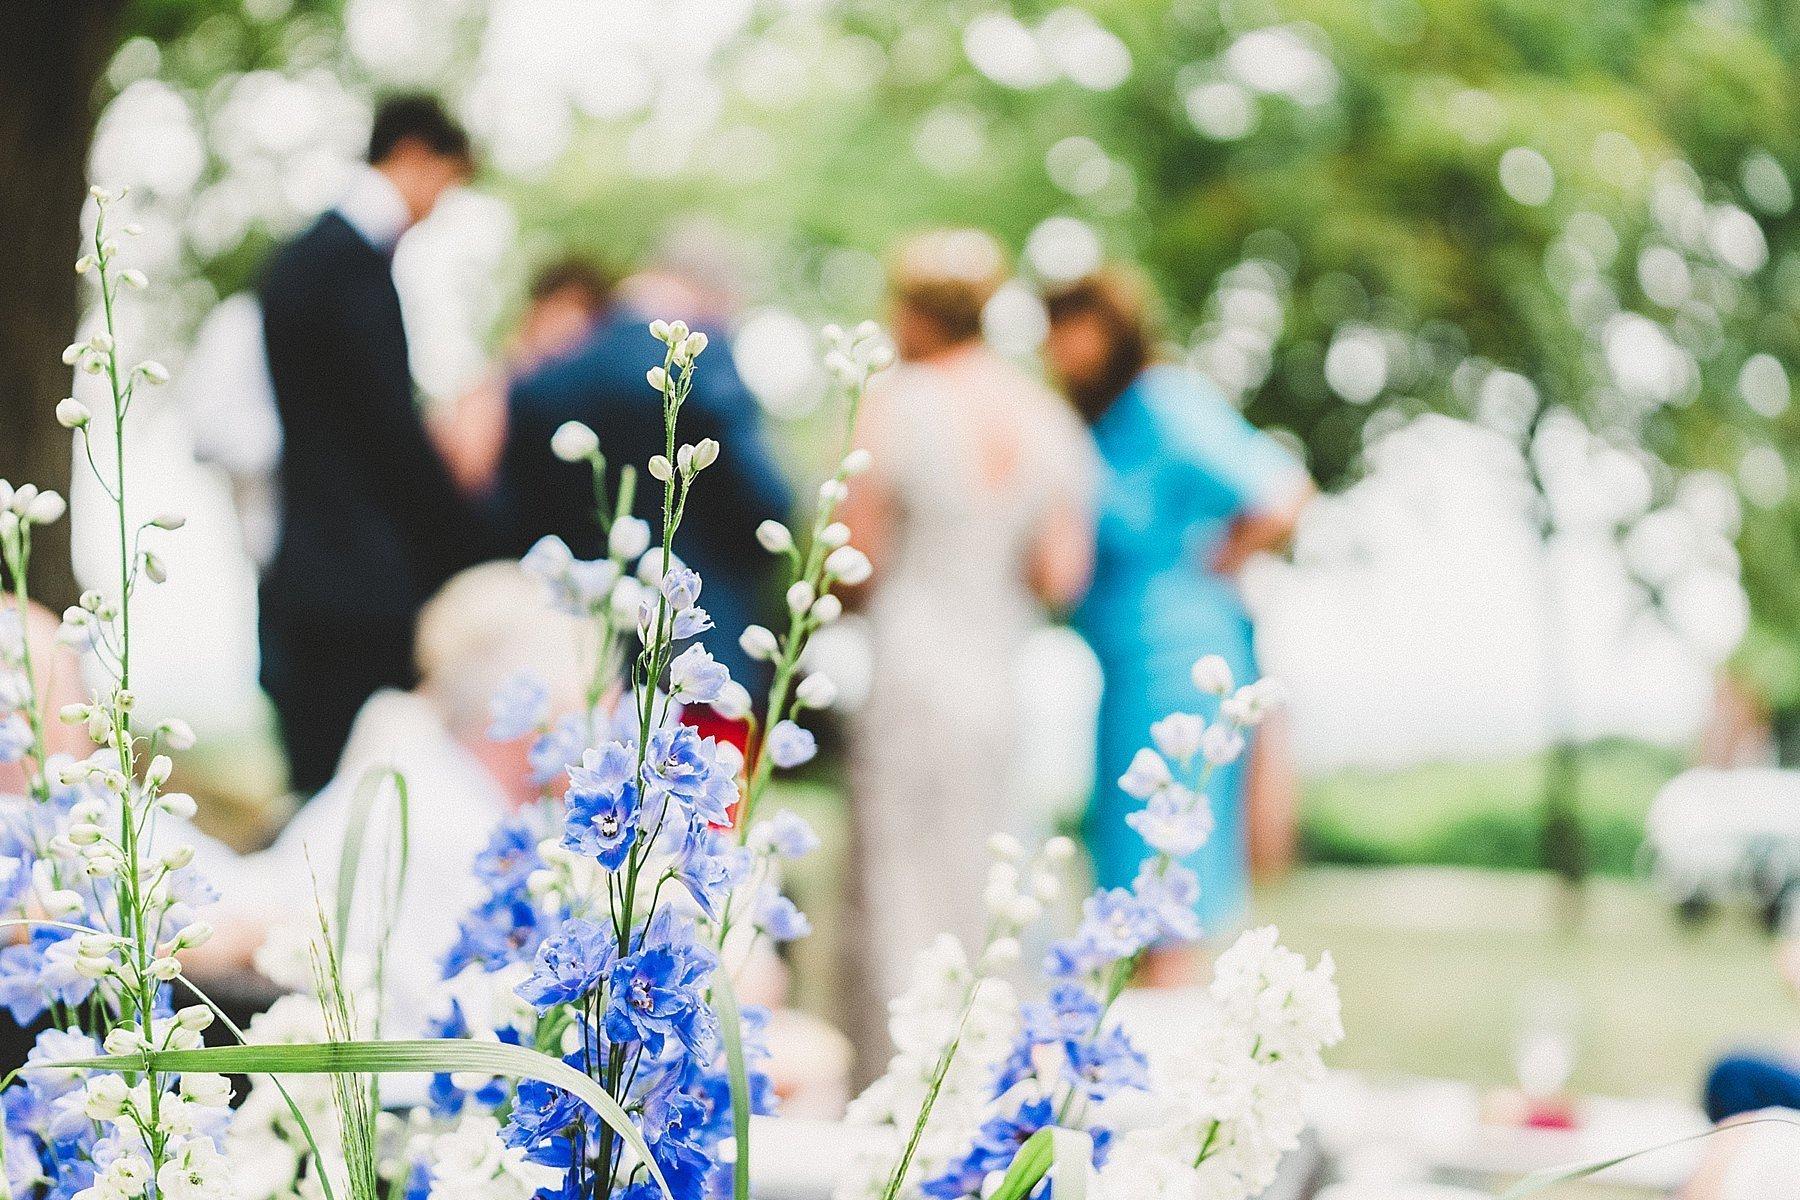 matrimonio a dozza dettagli floreali